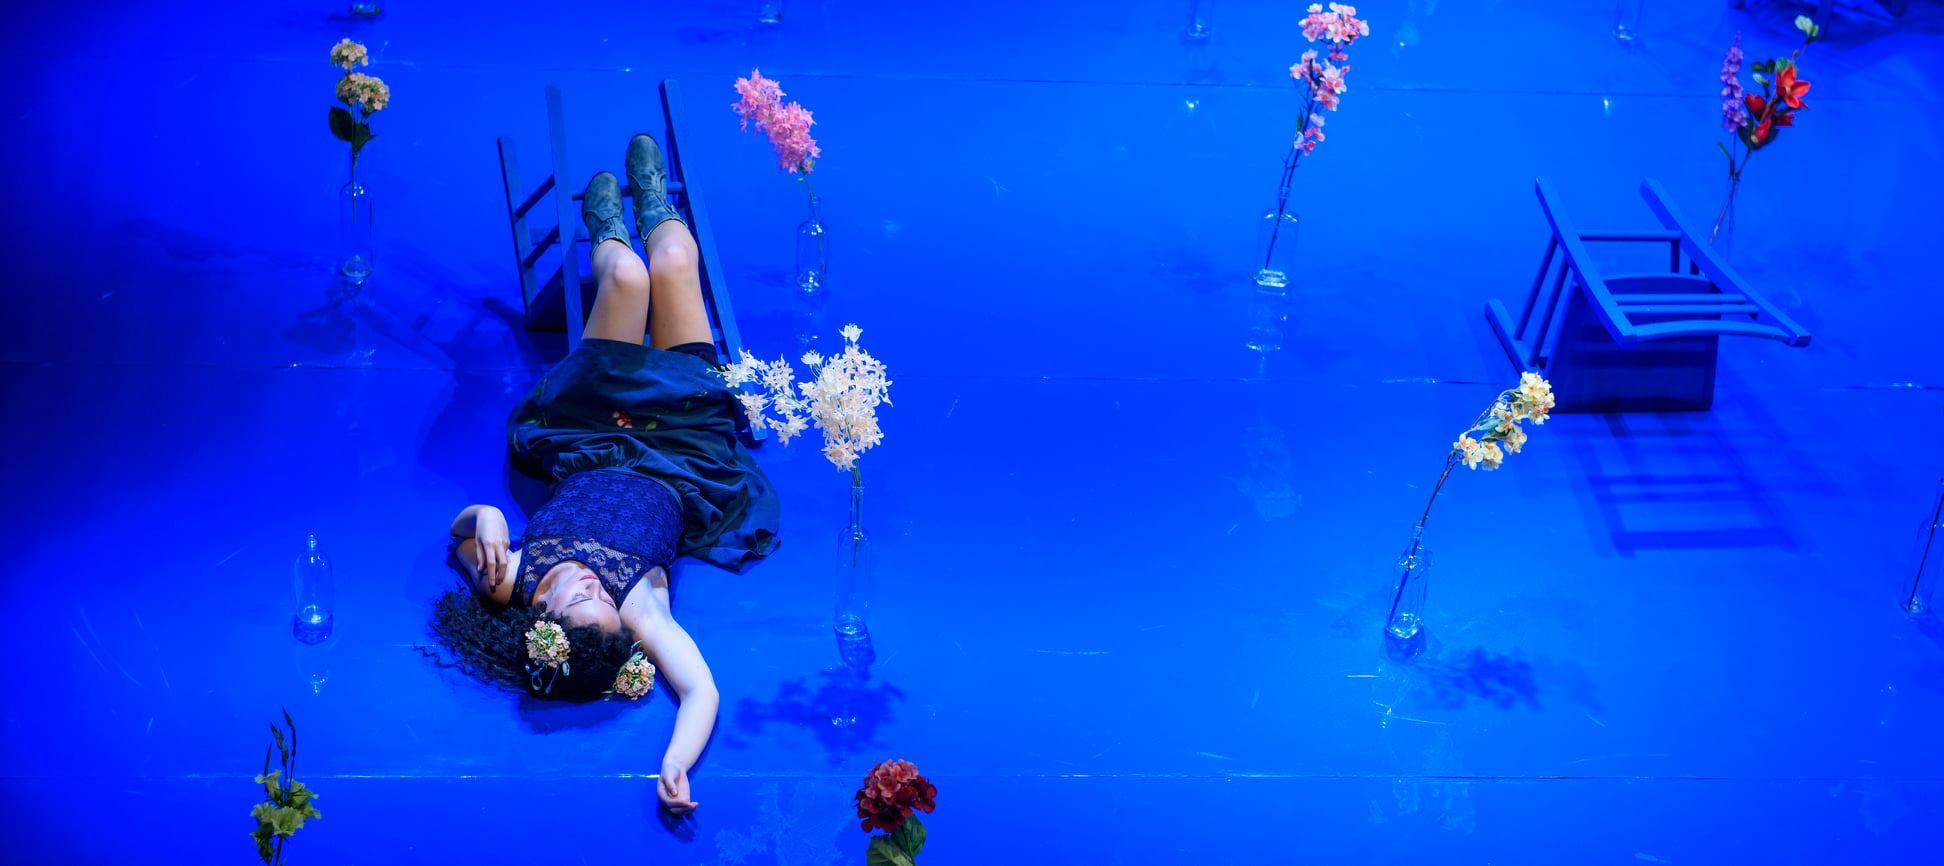 """Θέατρο Τέχνης Καρόλου Κουν: """"O Ποπολάρος"""" σε σκηνοθεσία Θοδωρής Αμπαζής – Πρεμιέρα 14 Οκτωβρίου"""